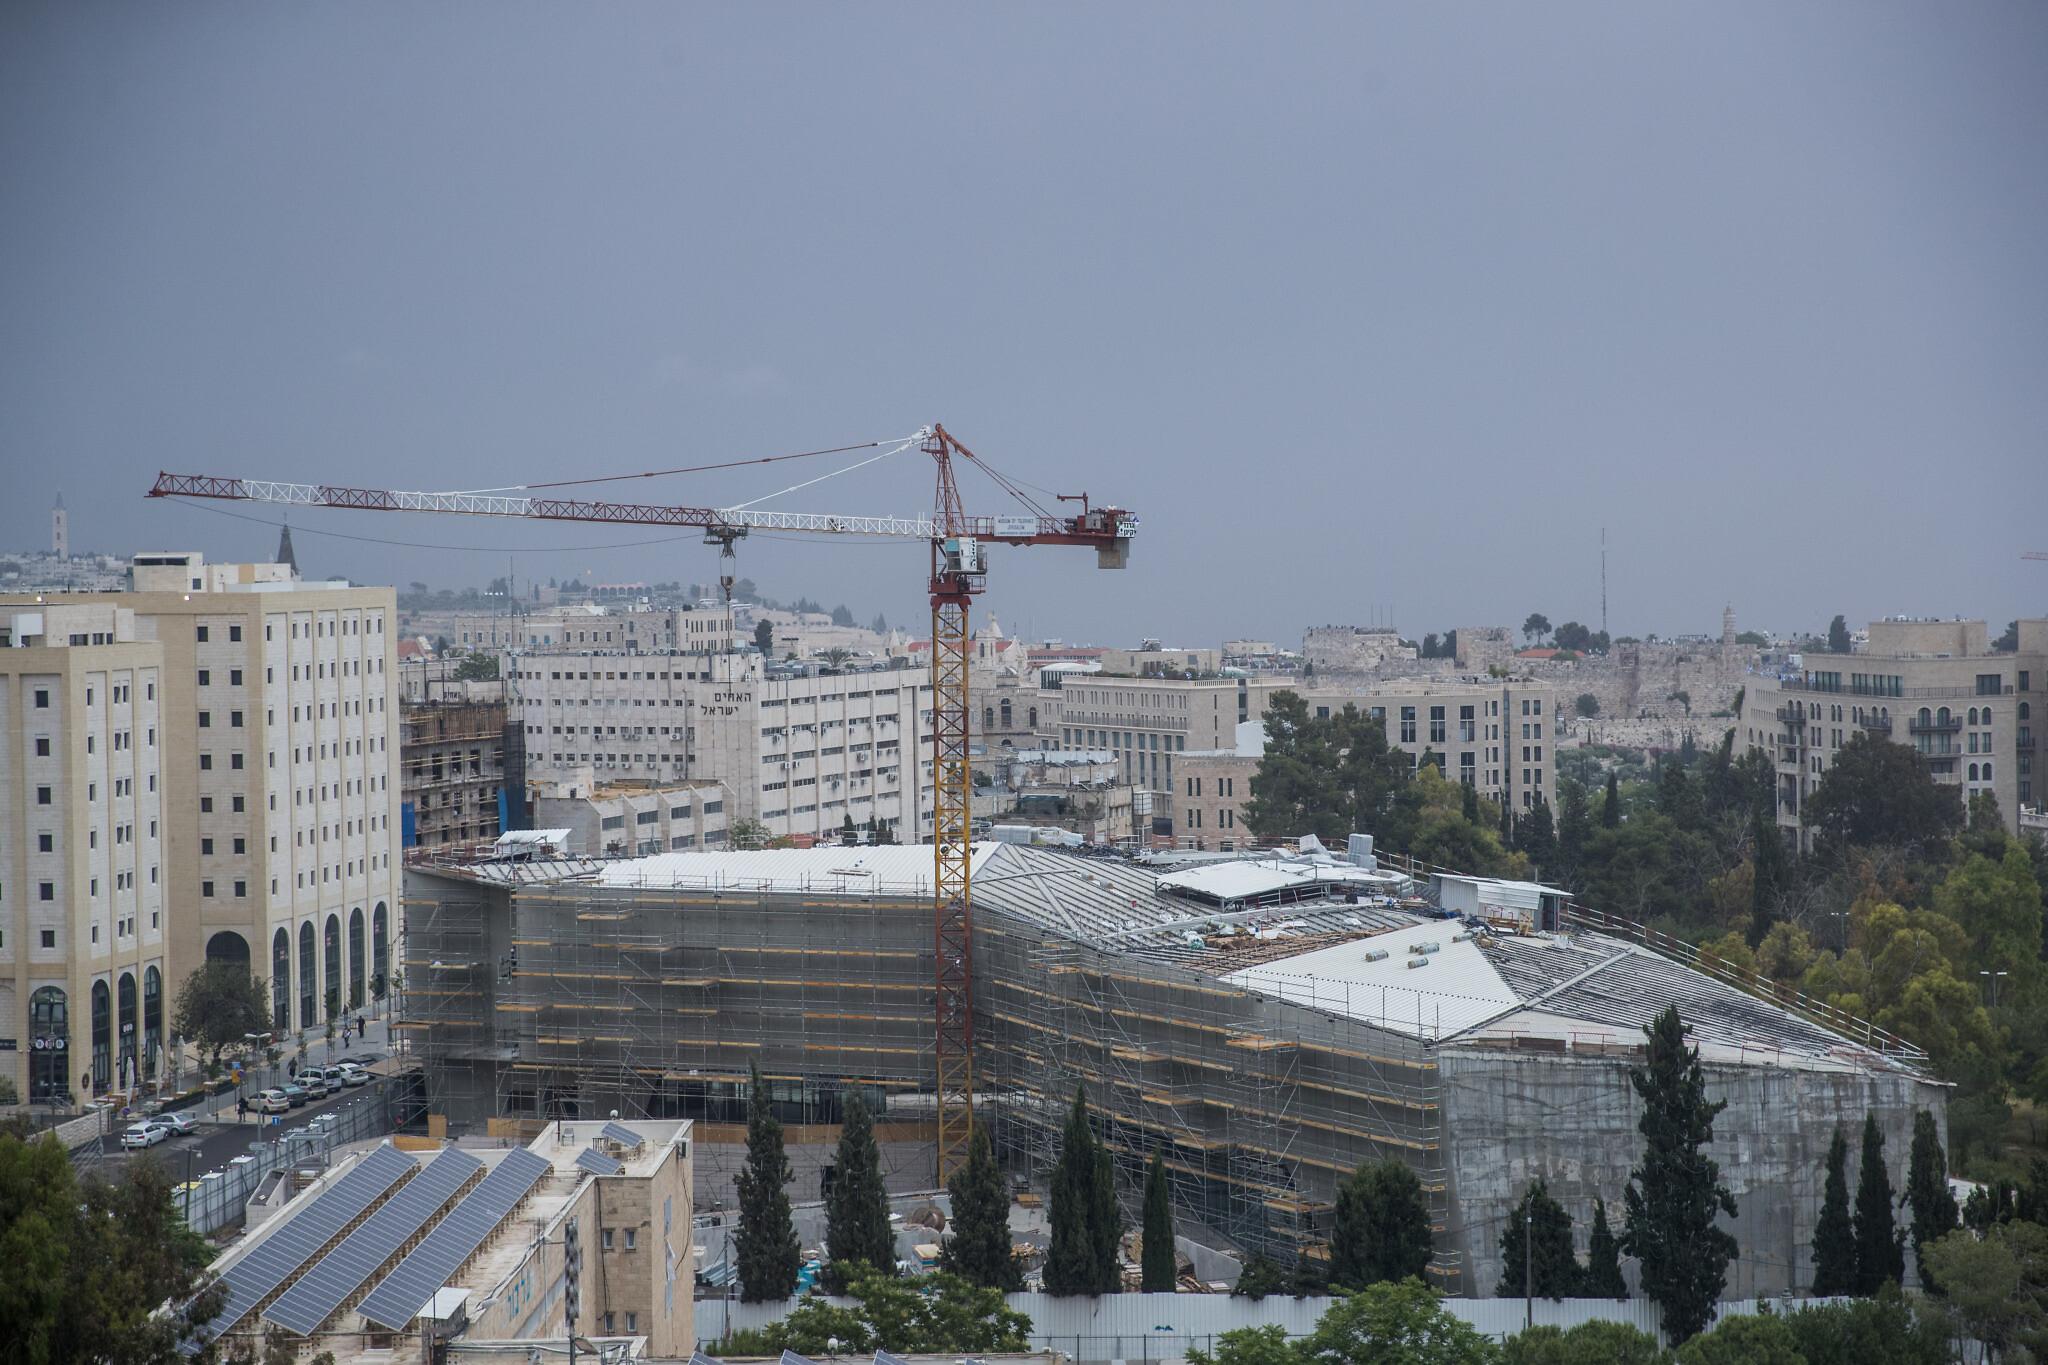 Vue du chantier de construction du Musée de la Tolérance à Jérusalem, le 7 mai 2018. (Yonatan Sindel/Flash90)